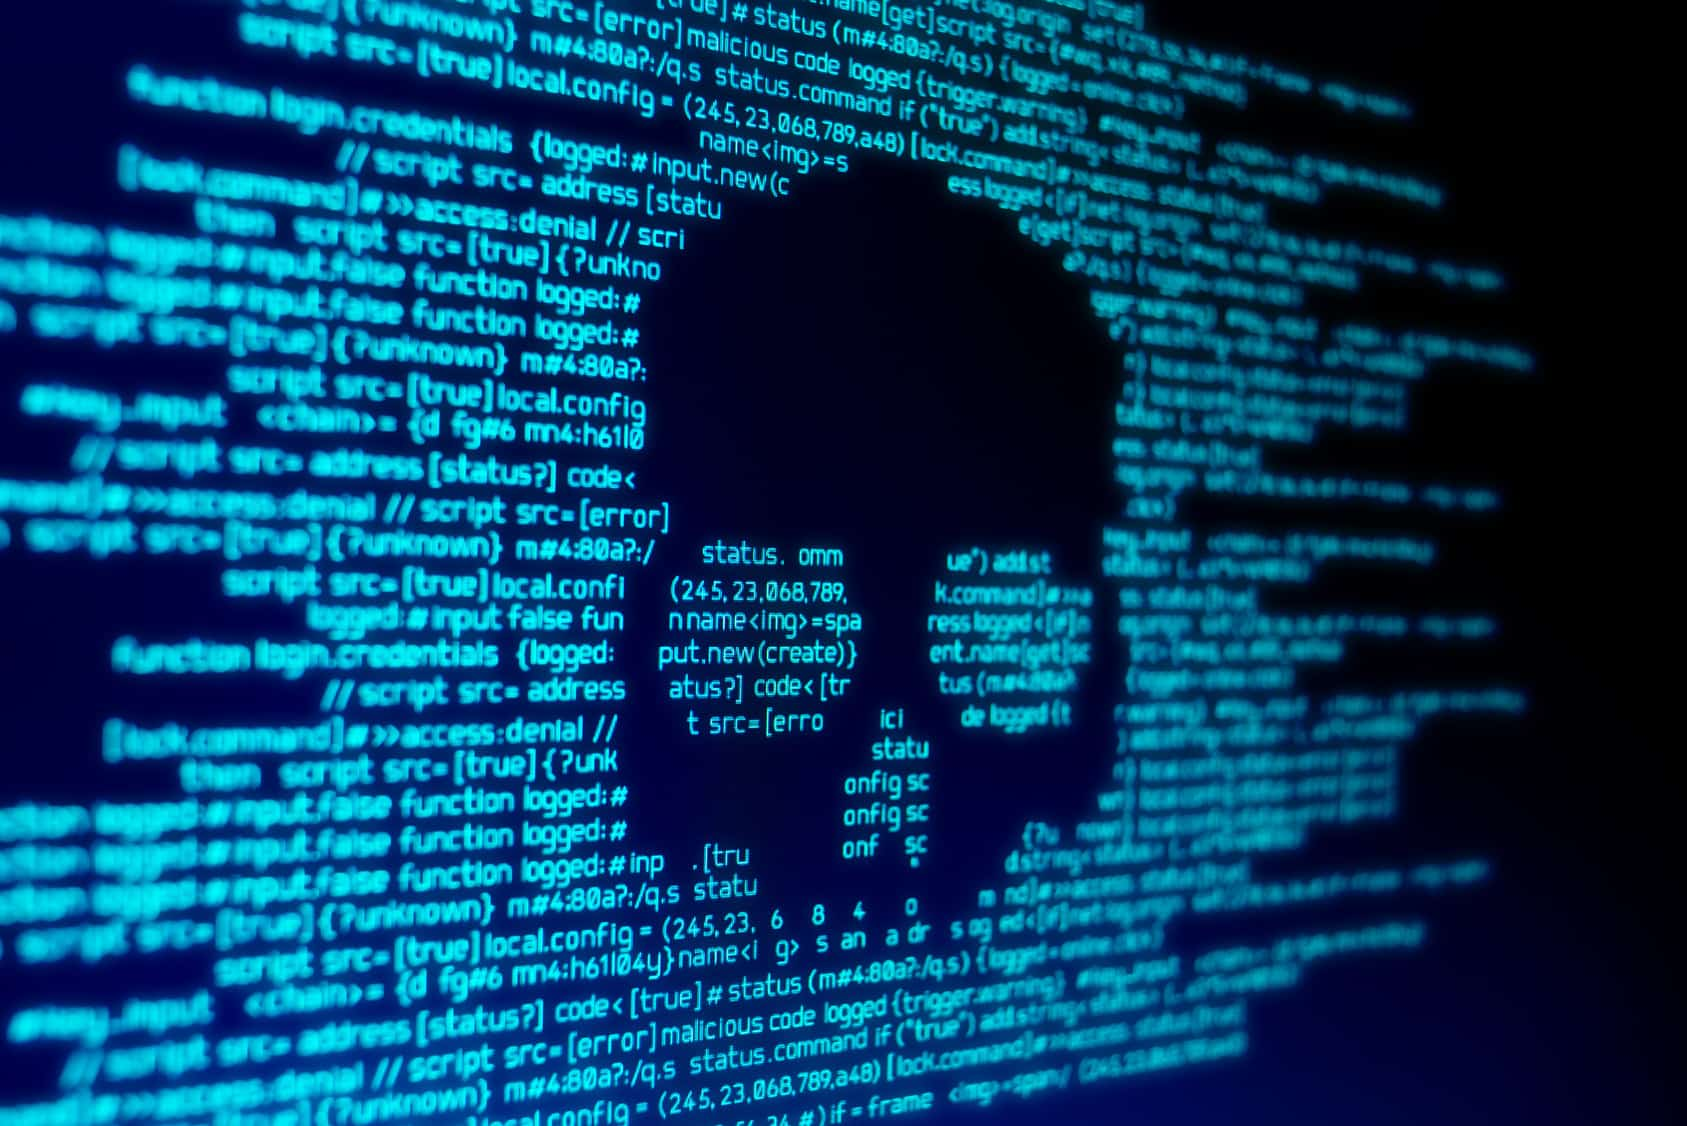 El resto de las compañías alrededor del mundo tampoco están preparadas para responder ante un ataque cibernético de tal magnitud, de acuerdo con Ponemon Institute.